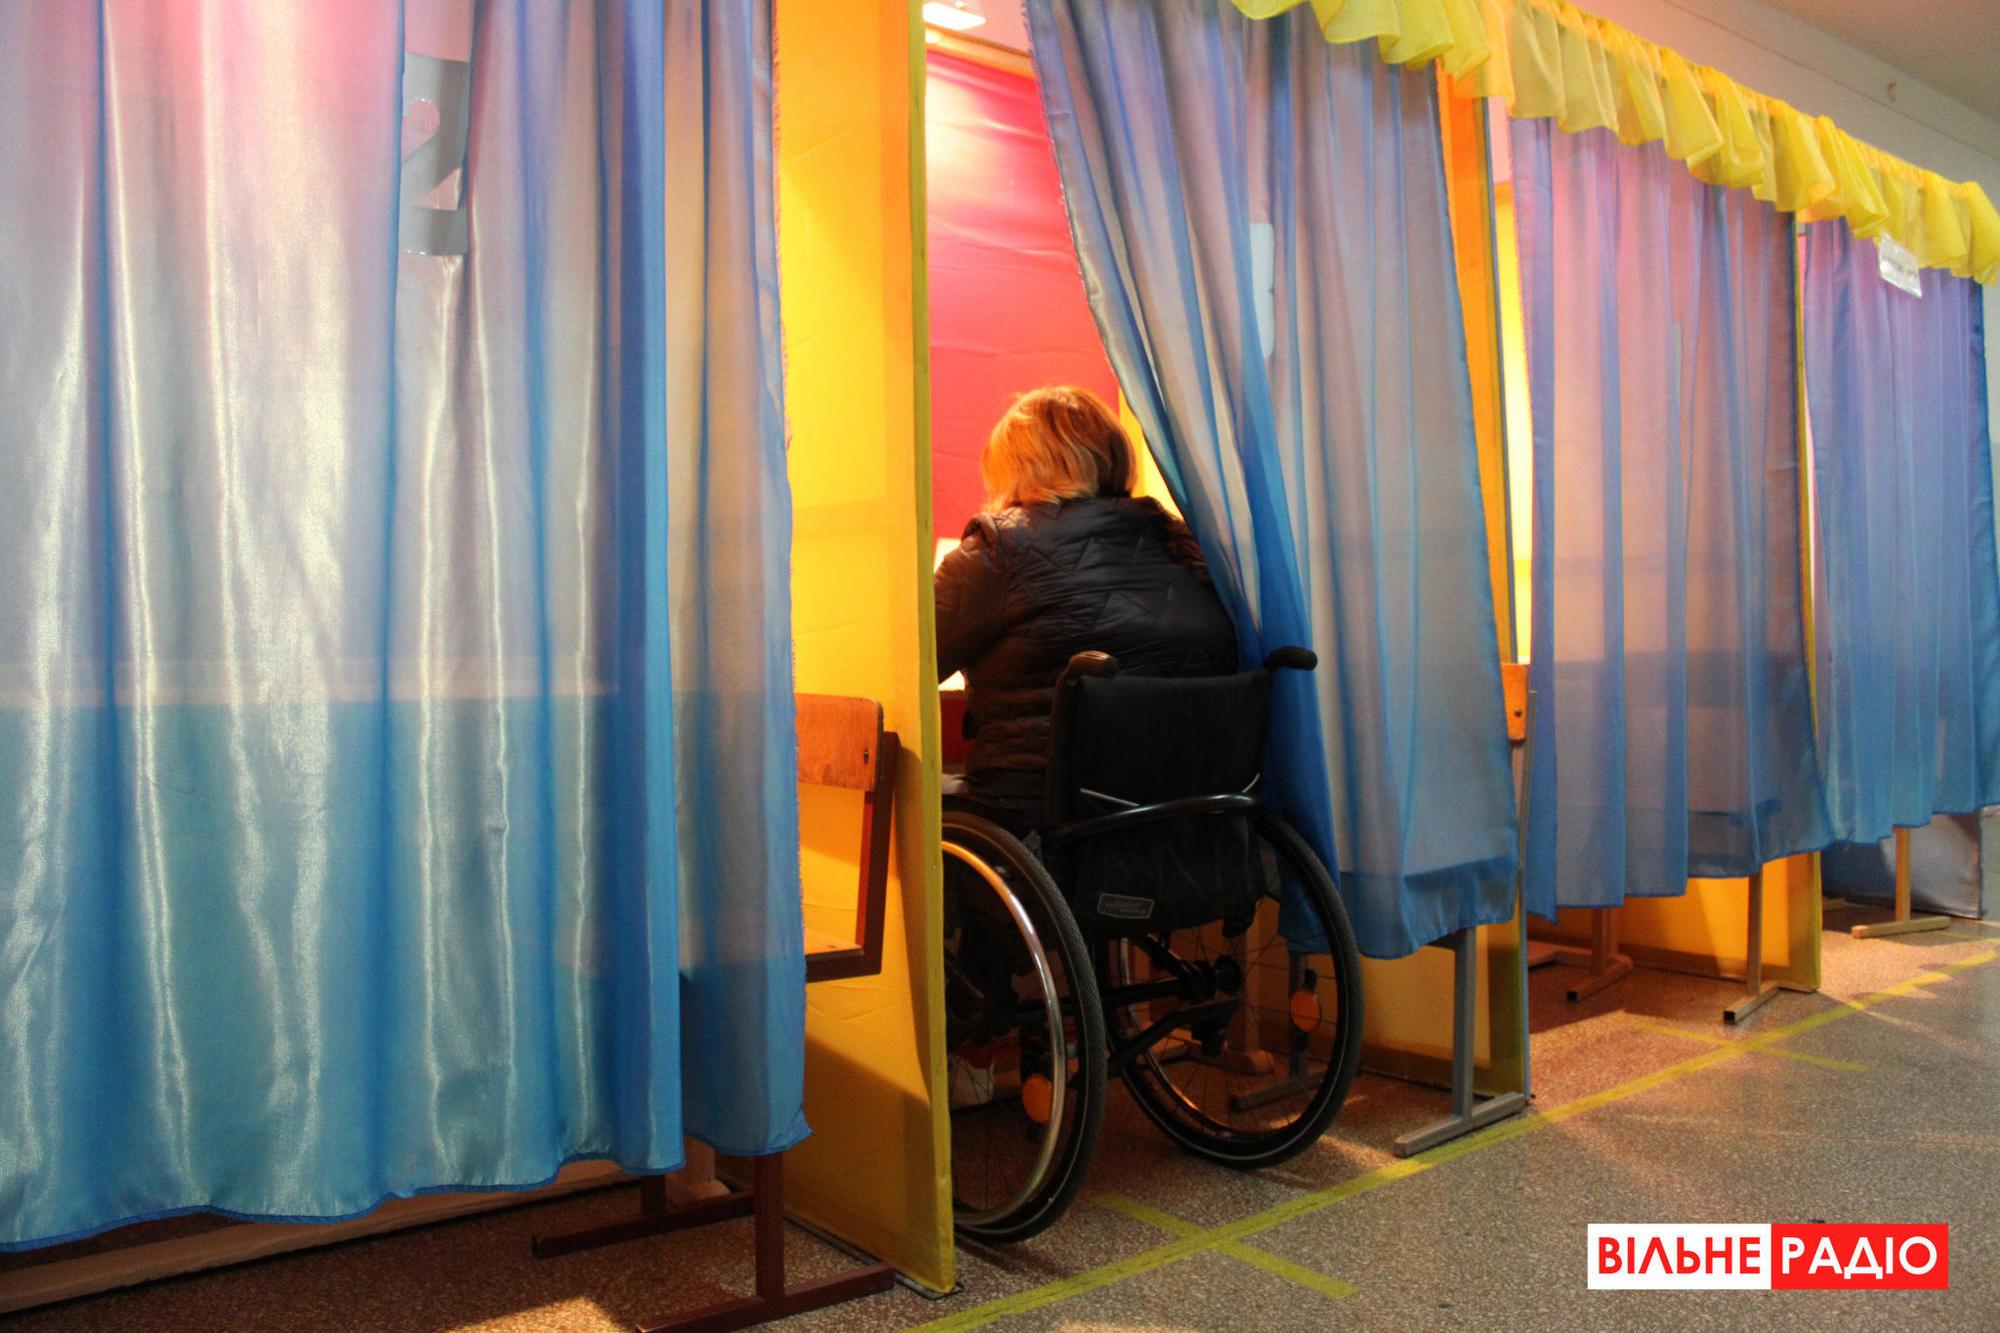 кабинка для голосования женщина с инвалидностью голосует